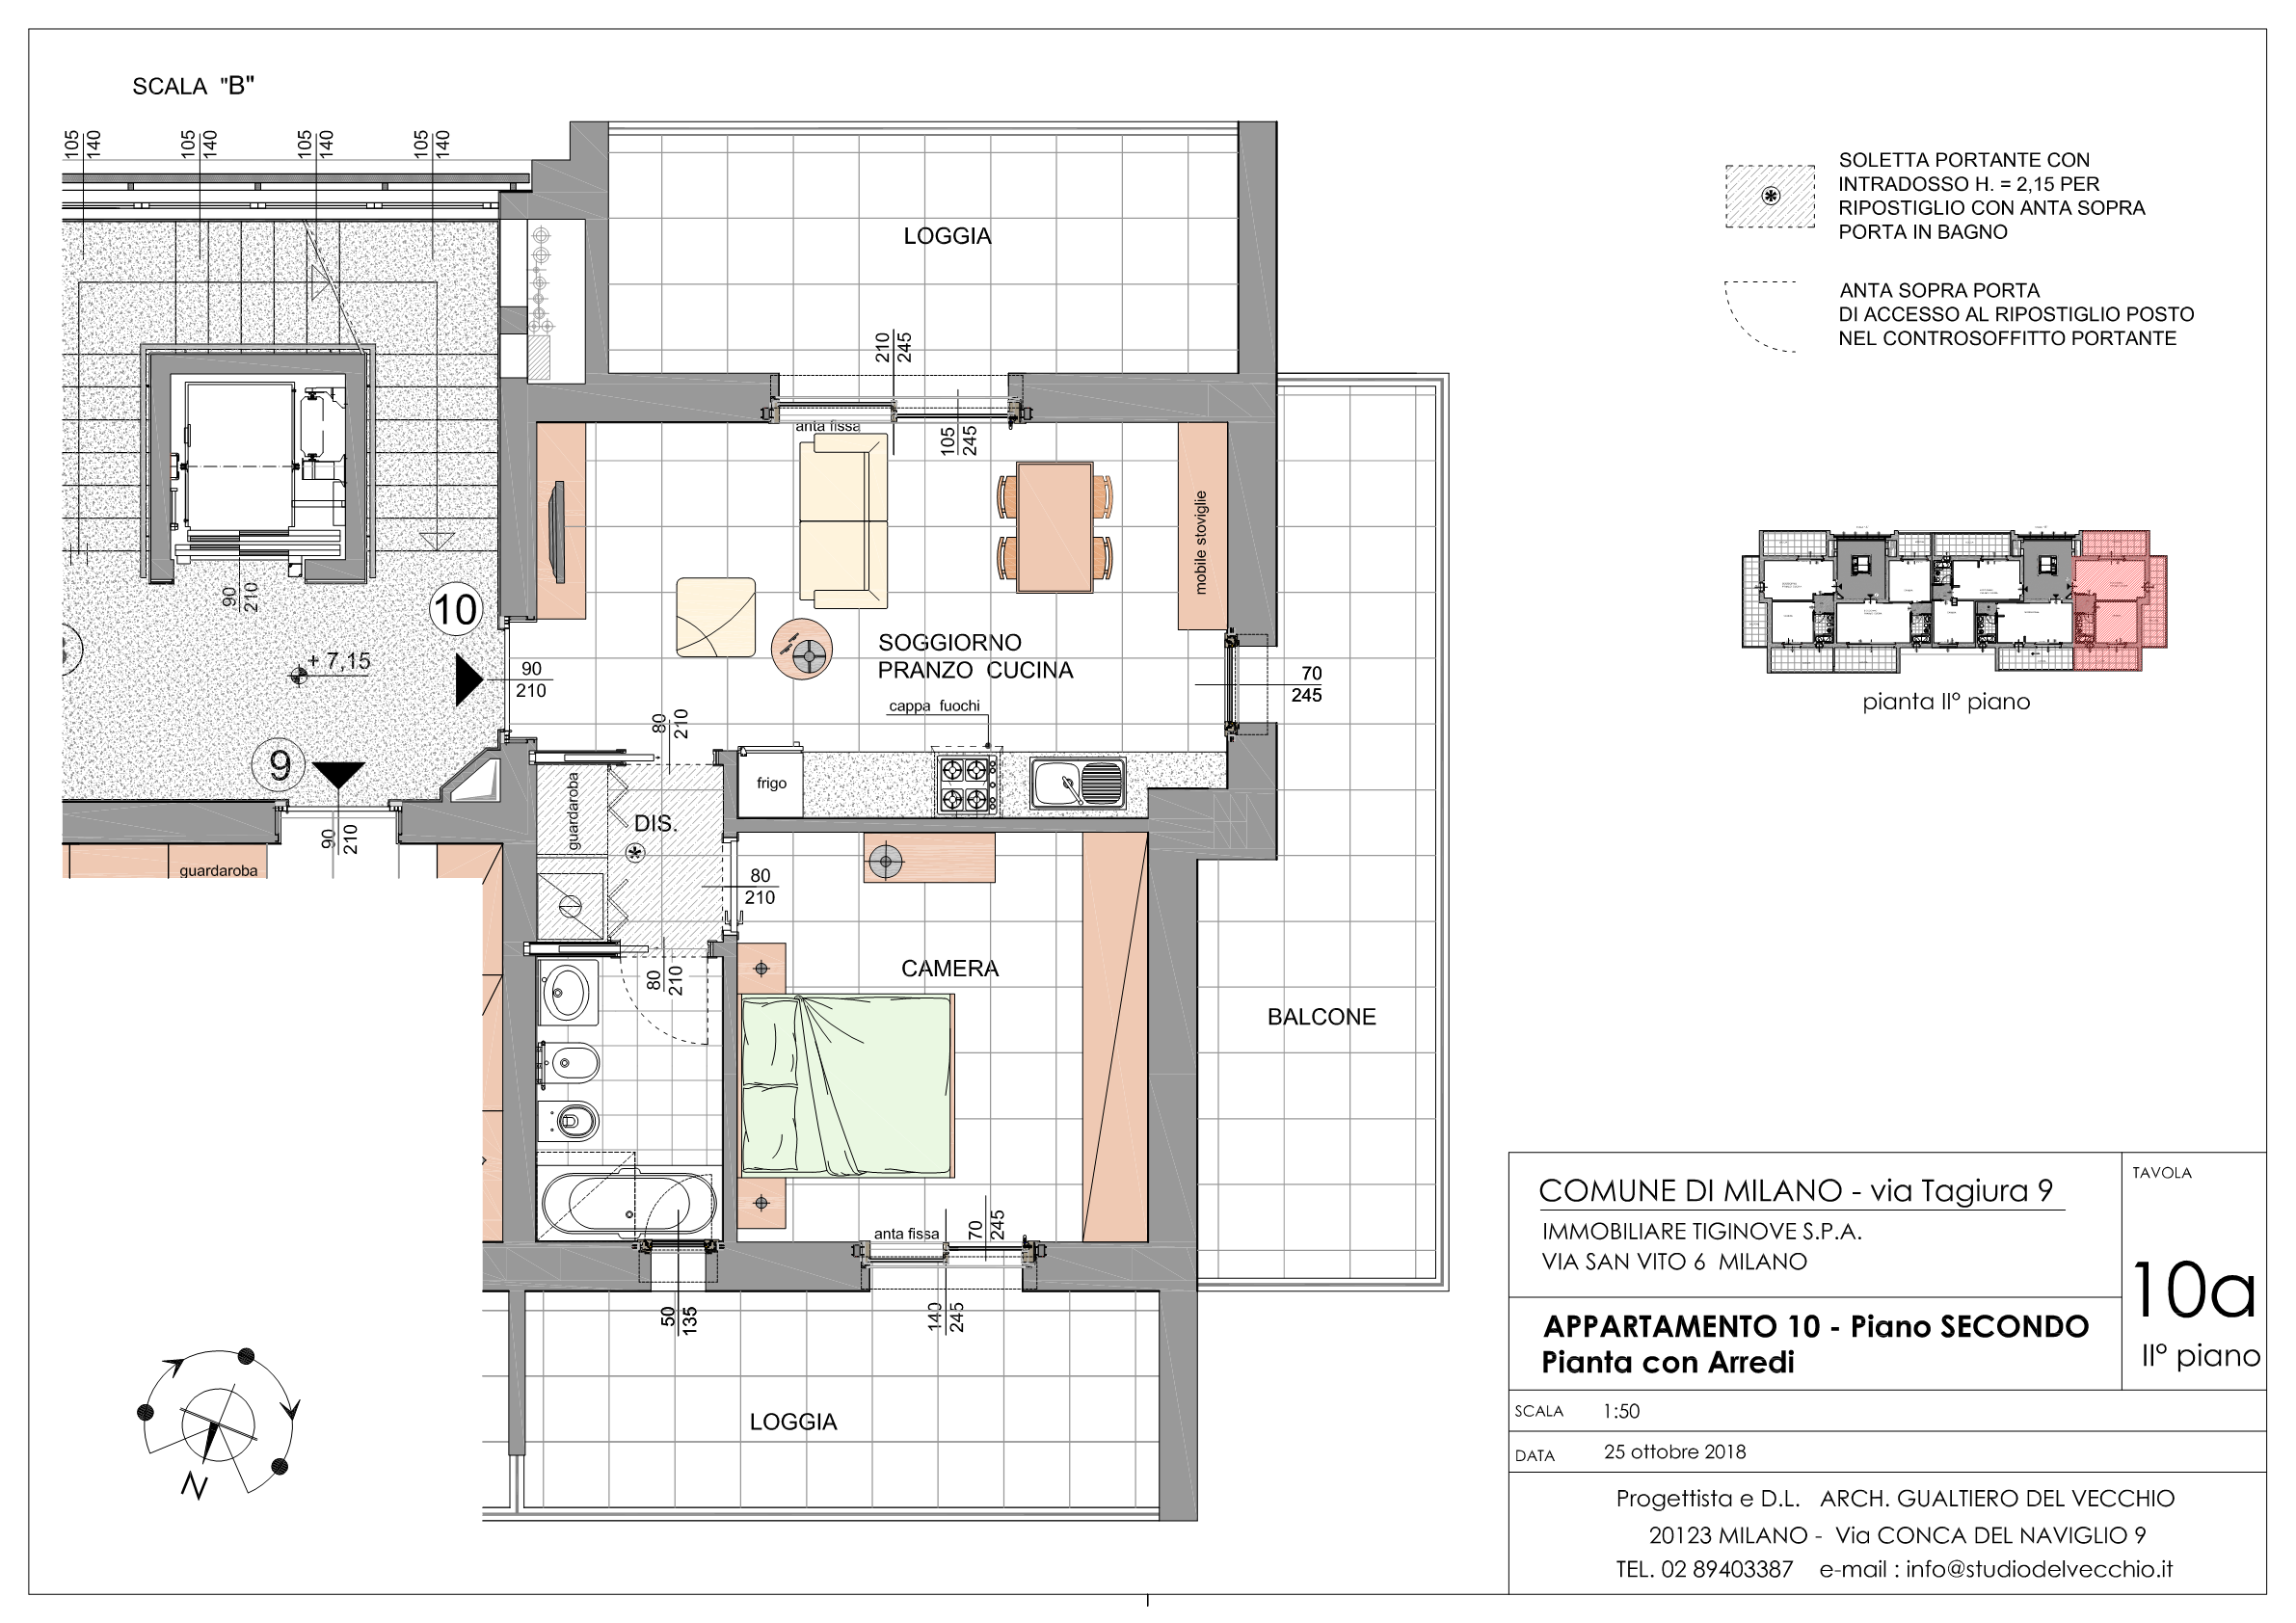 Bilocale Classe A3 Via Tagiura 9 (Appartamento 10)